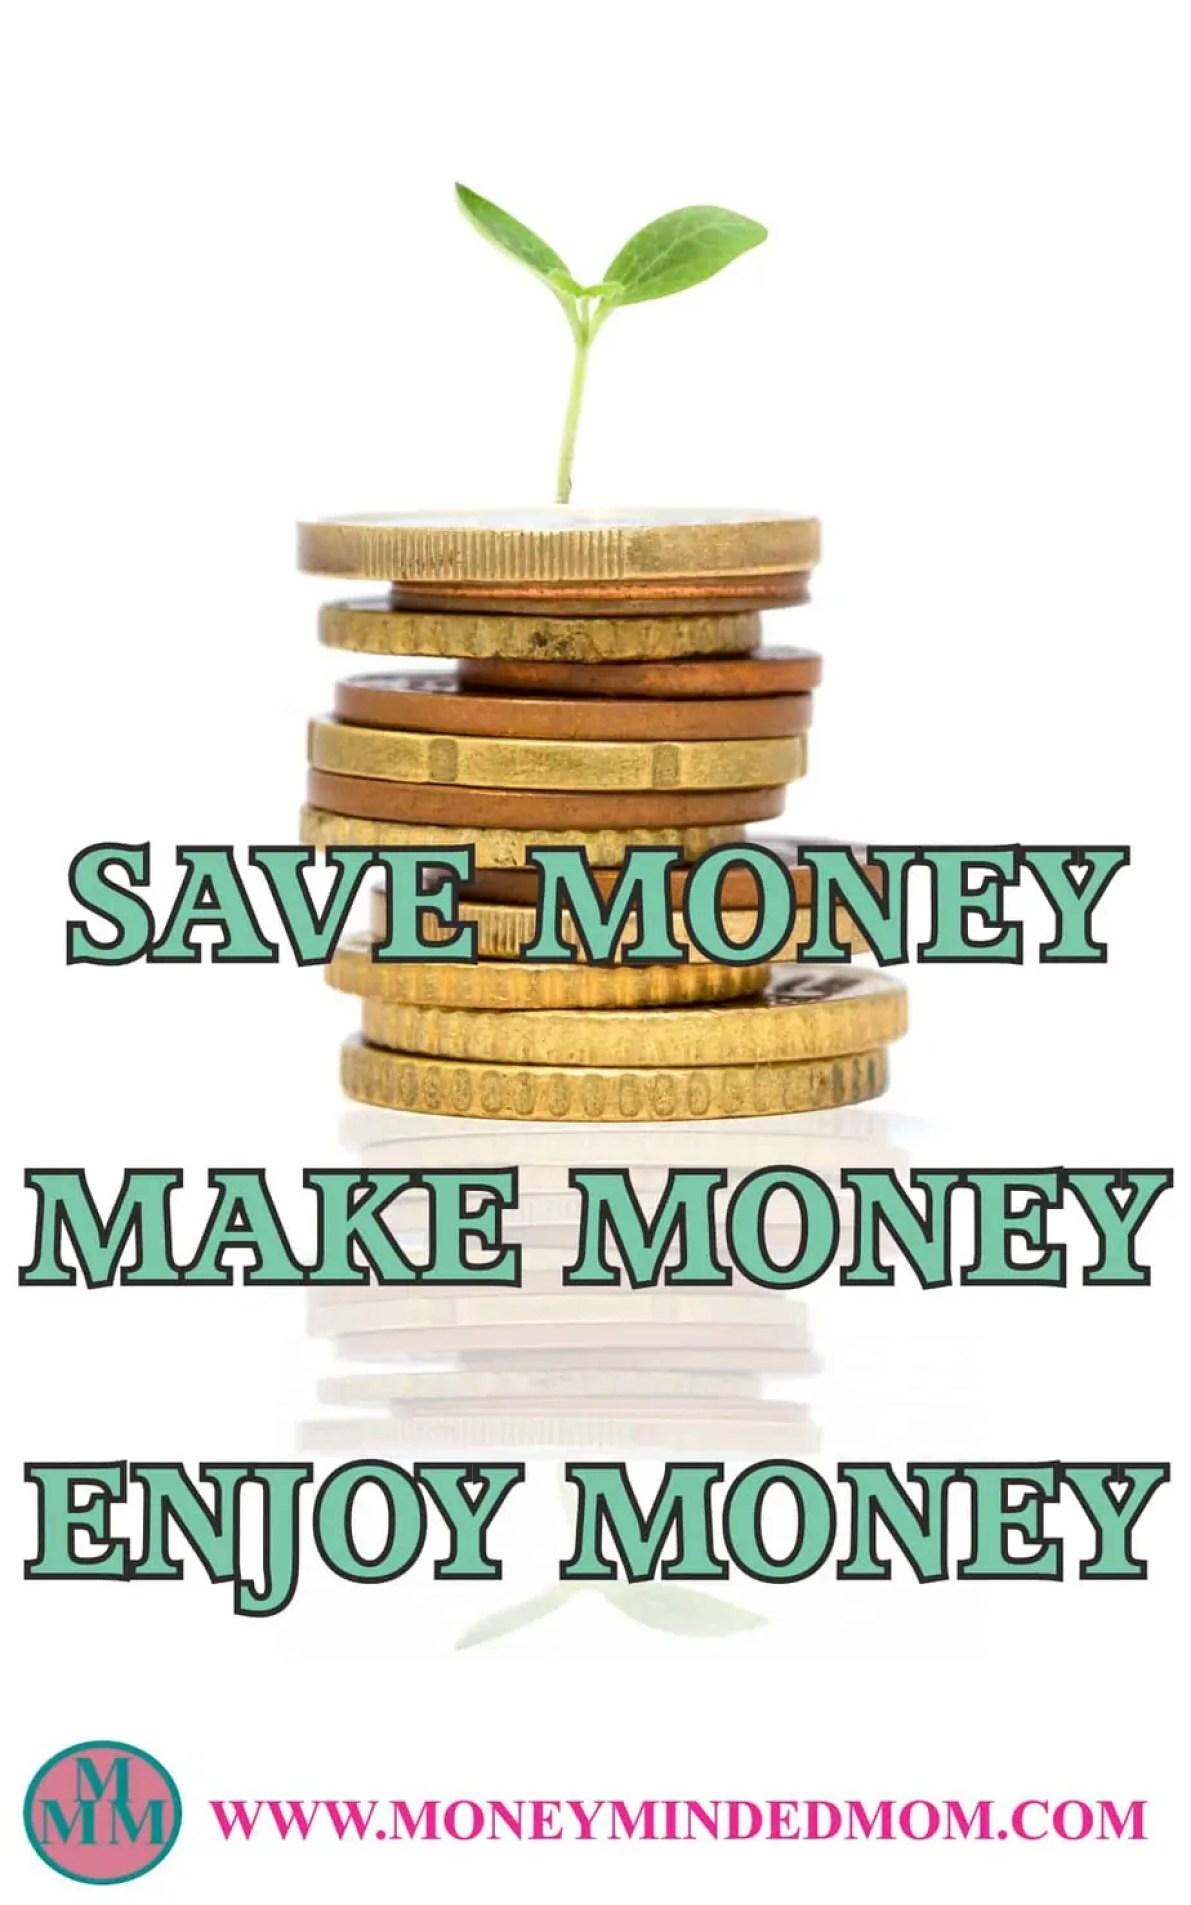 Save Money Make Money Enjoy Money